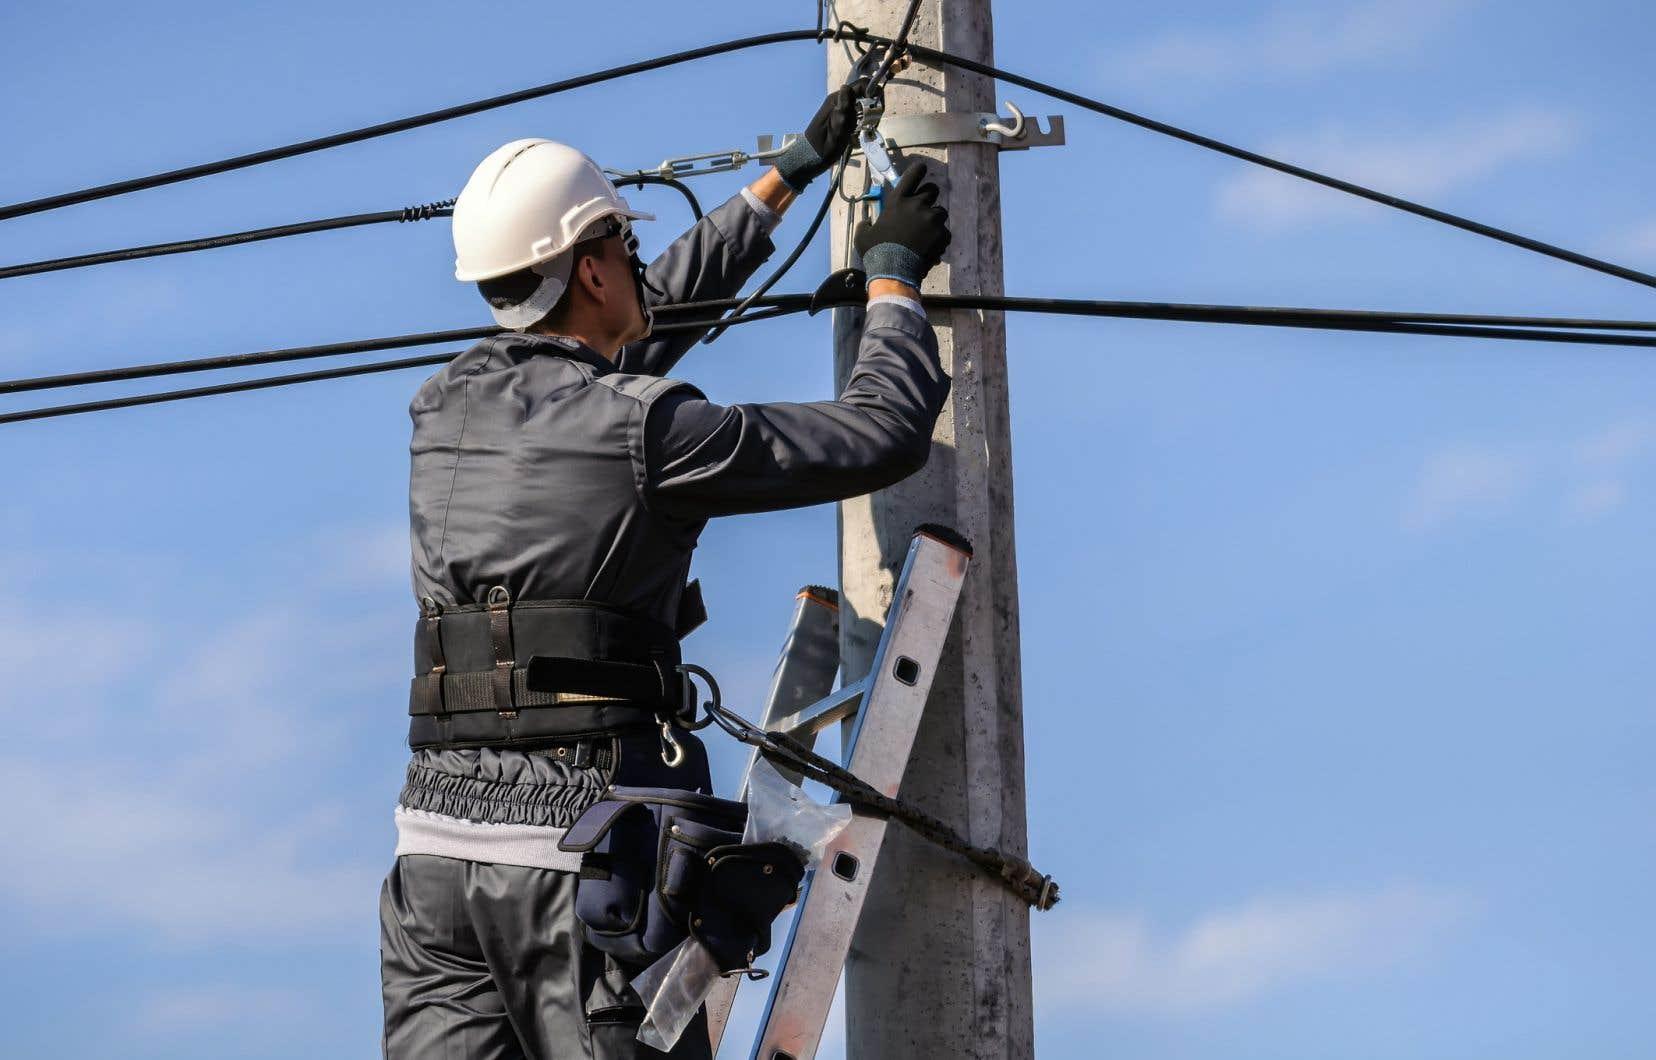 Les régions ont un urgent besoin d'accès à Internet à haut débit, démontre l'auteur.